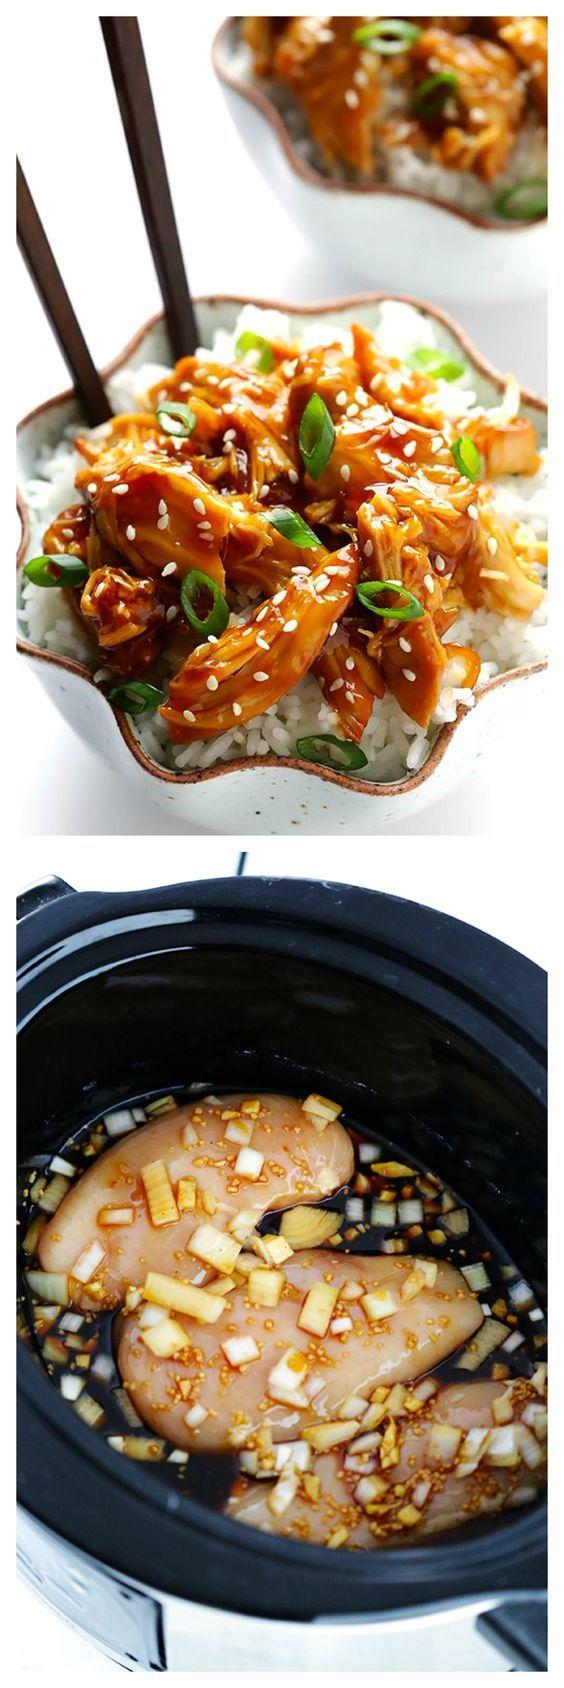 Slow Cooker Teriyaki Chicken -- £ 2 pechugas de pollo sin piel 2 dientes de ajo, picado 1/2 taza de cebolla picada blanco 1/2 taza de miel 1/2 taza de salsa de soja (usar bajo en sodio si se desea) de arroz 1/4 taza de vinagre de vino 1 cucharada. de jengibre fresco picado 1/8 cucharadita. pimienta recién molida negro 1/4 taza de agua fría 3 cucharadas. almidón de maíz (coberturas opcionales: cebolletas en rodajas y las semillas de sésamo tostadas) INSTRUCCIONES: Agregar las pechugas de…